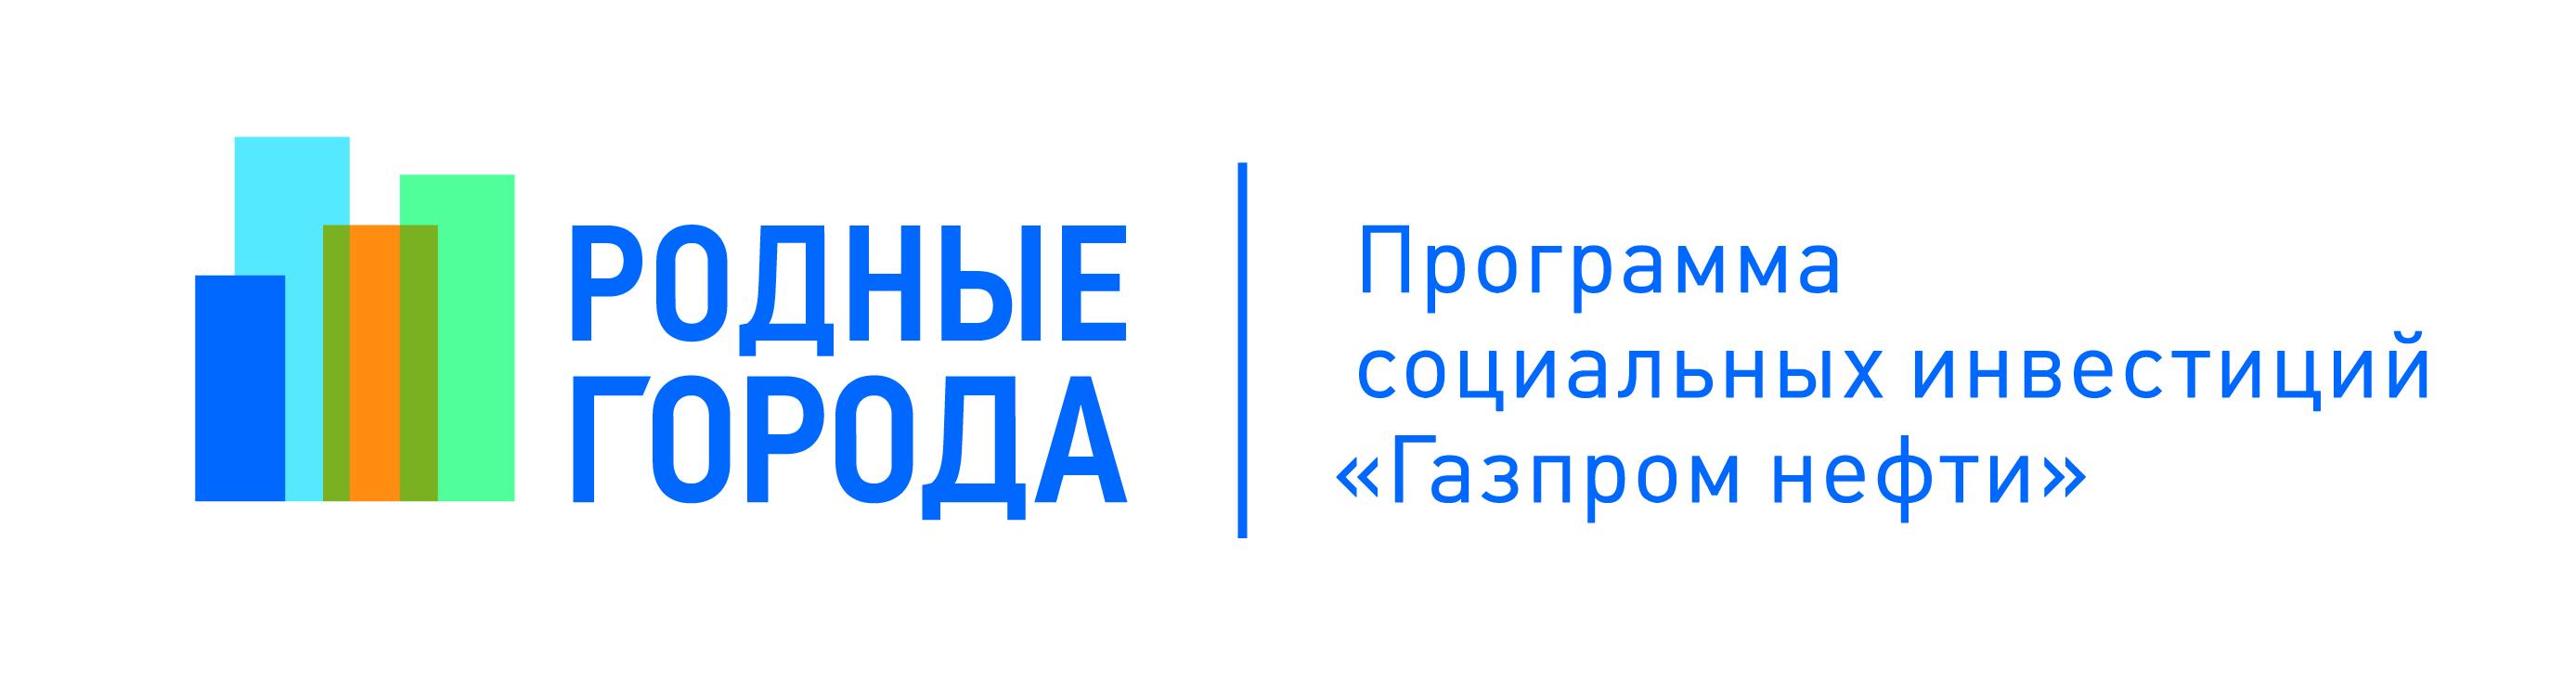 RG_logo_desc